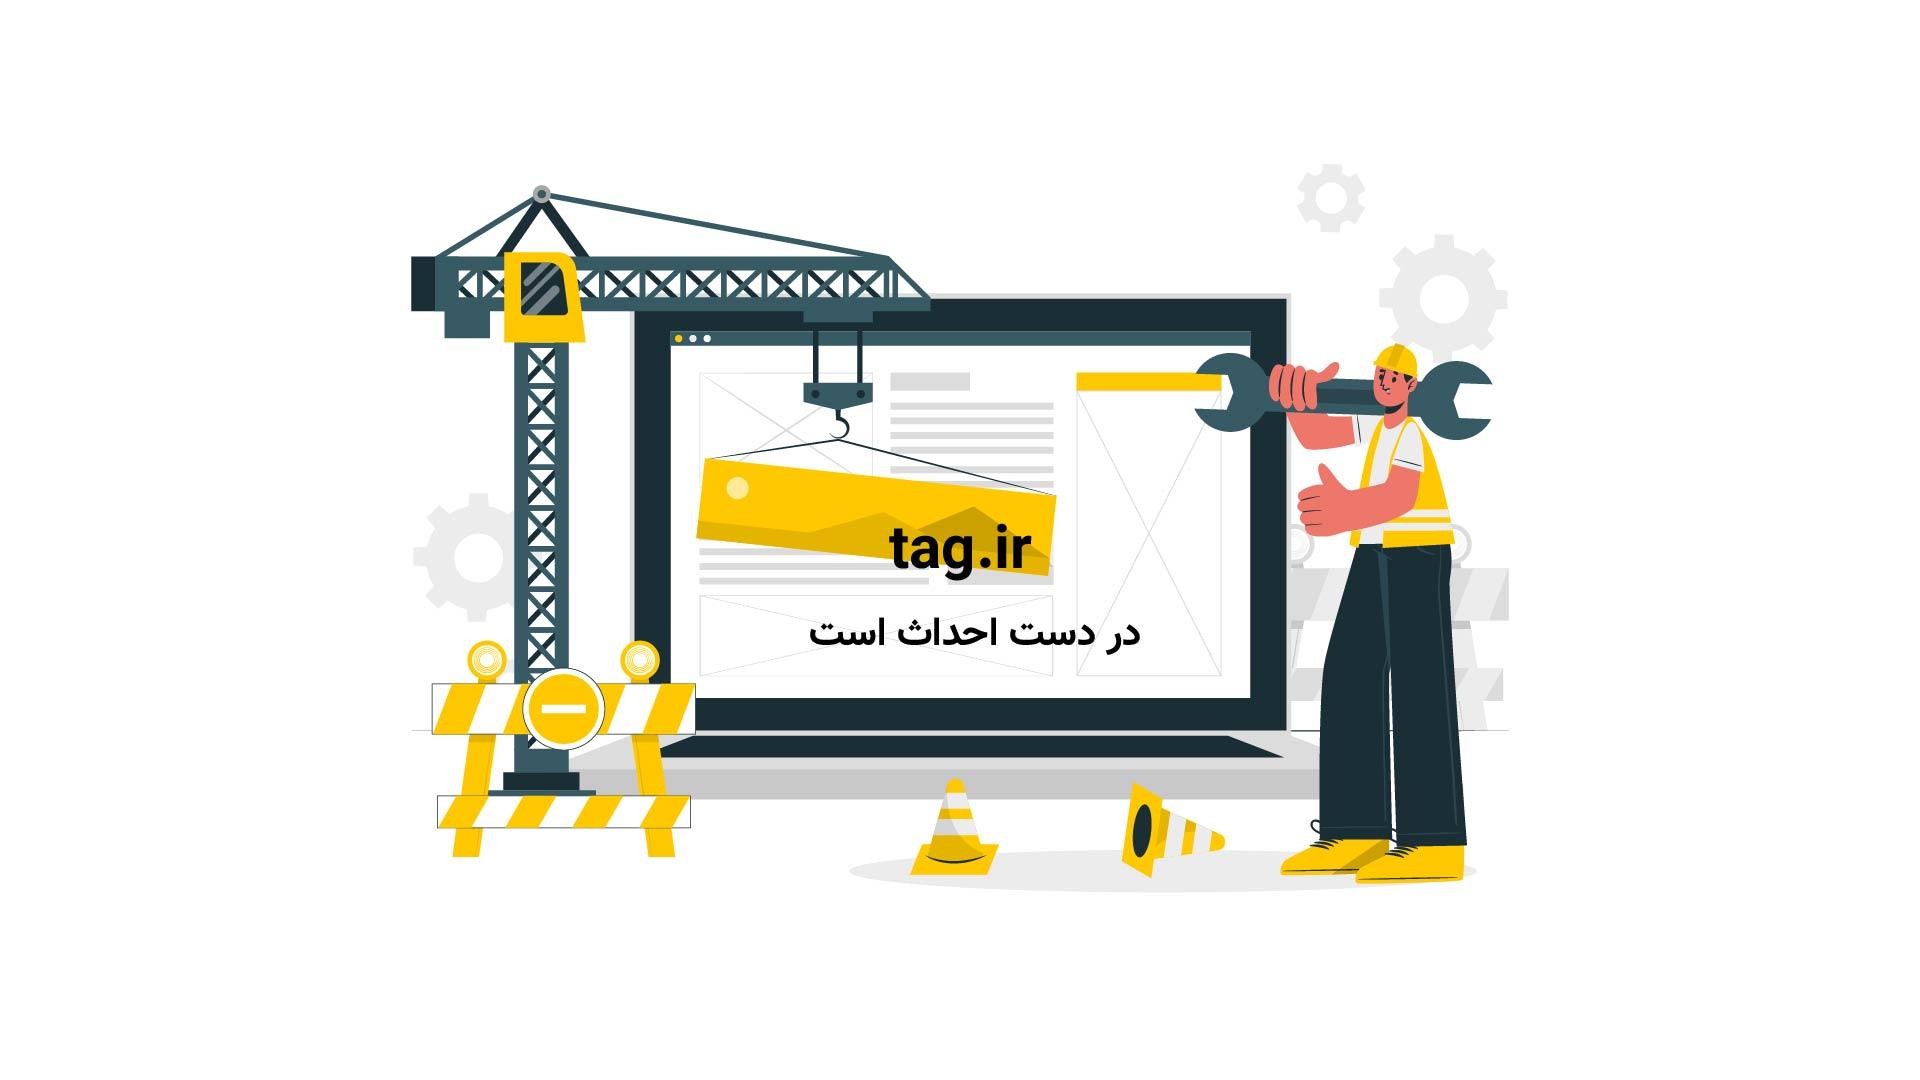 عناوین روزنامههای اقتصادی سهشنبه 7 شهریور | فیلم